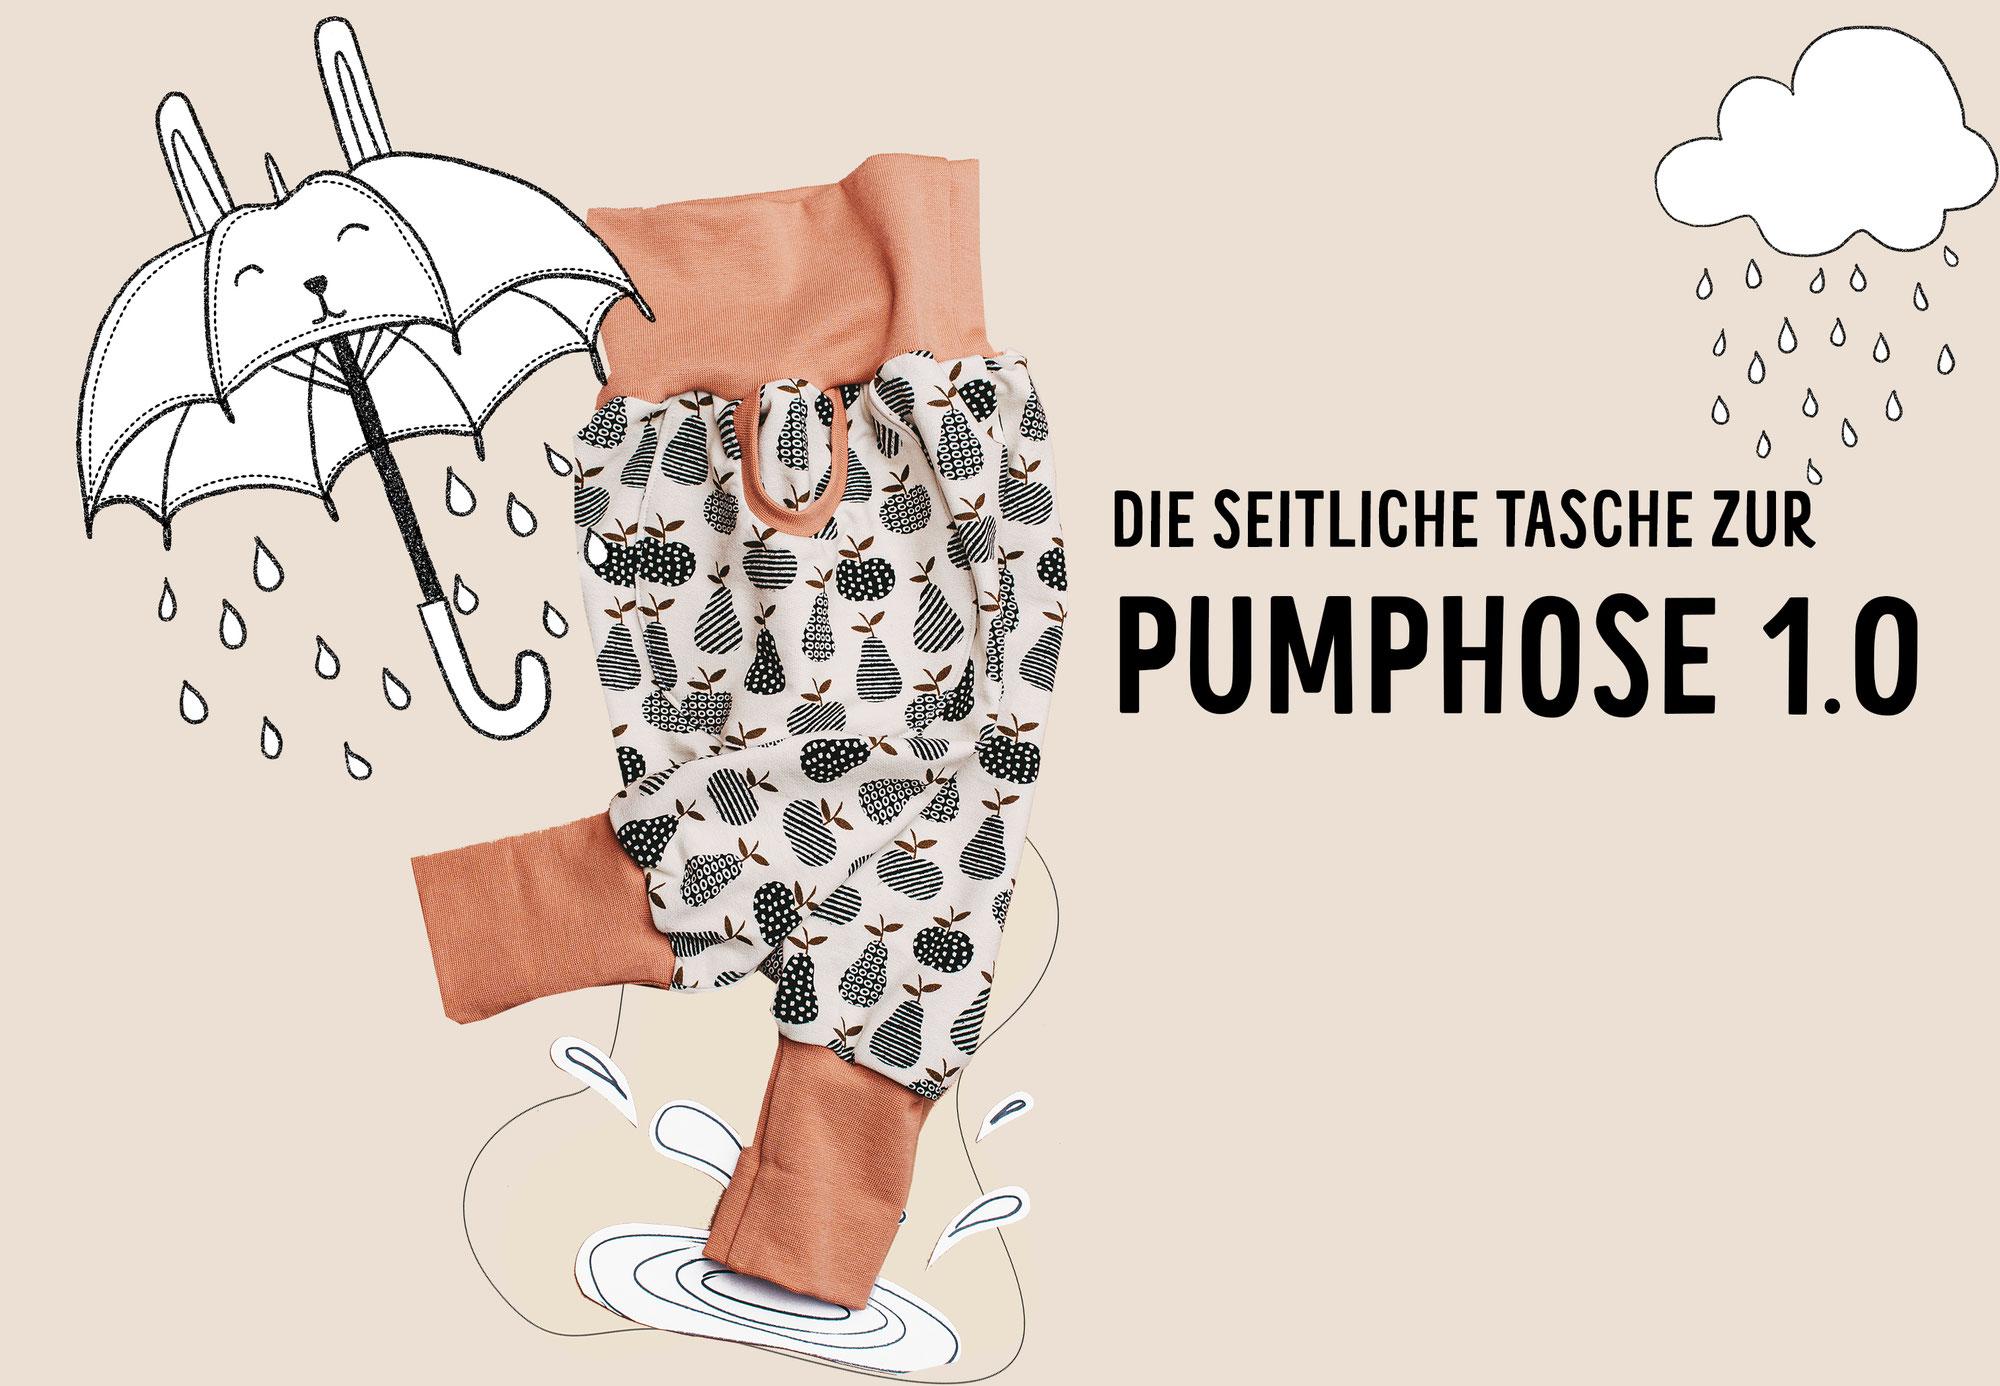 FREEBIE: Die Tasche zur Pumphose 1.0